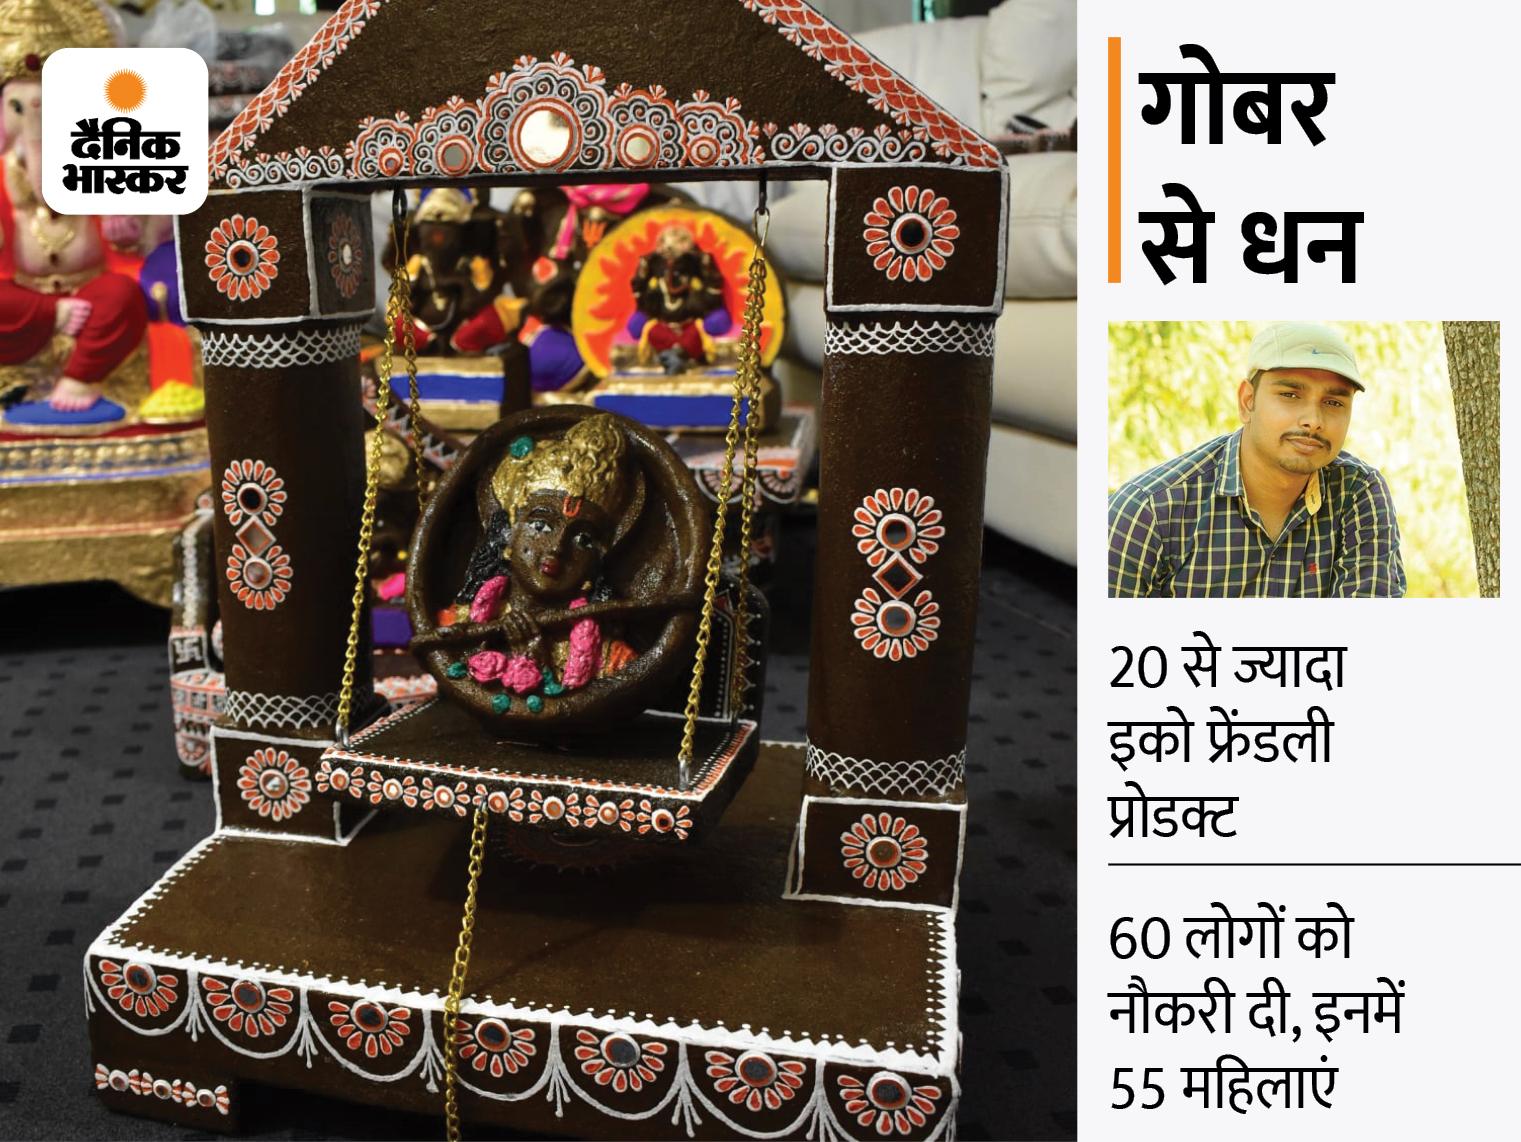 भोपाल के विजय ने लॉकडाउन में 60 हजार रु. खर्च कर गोबर से डेकोरेटिव मटेरियल बनाना शुरू किया, अब लाखों में कमाई|DB ओरिजिनल,DB Original - Dainik Bhaskar